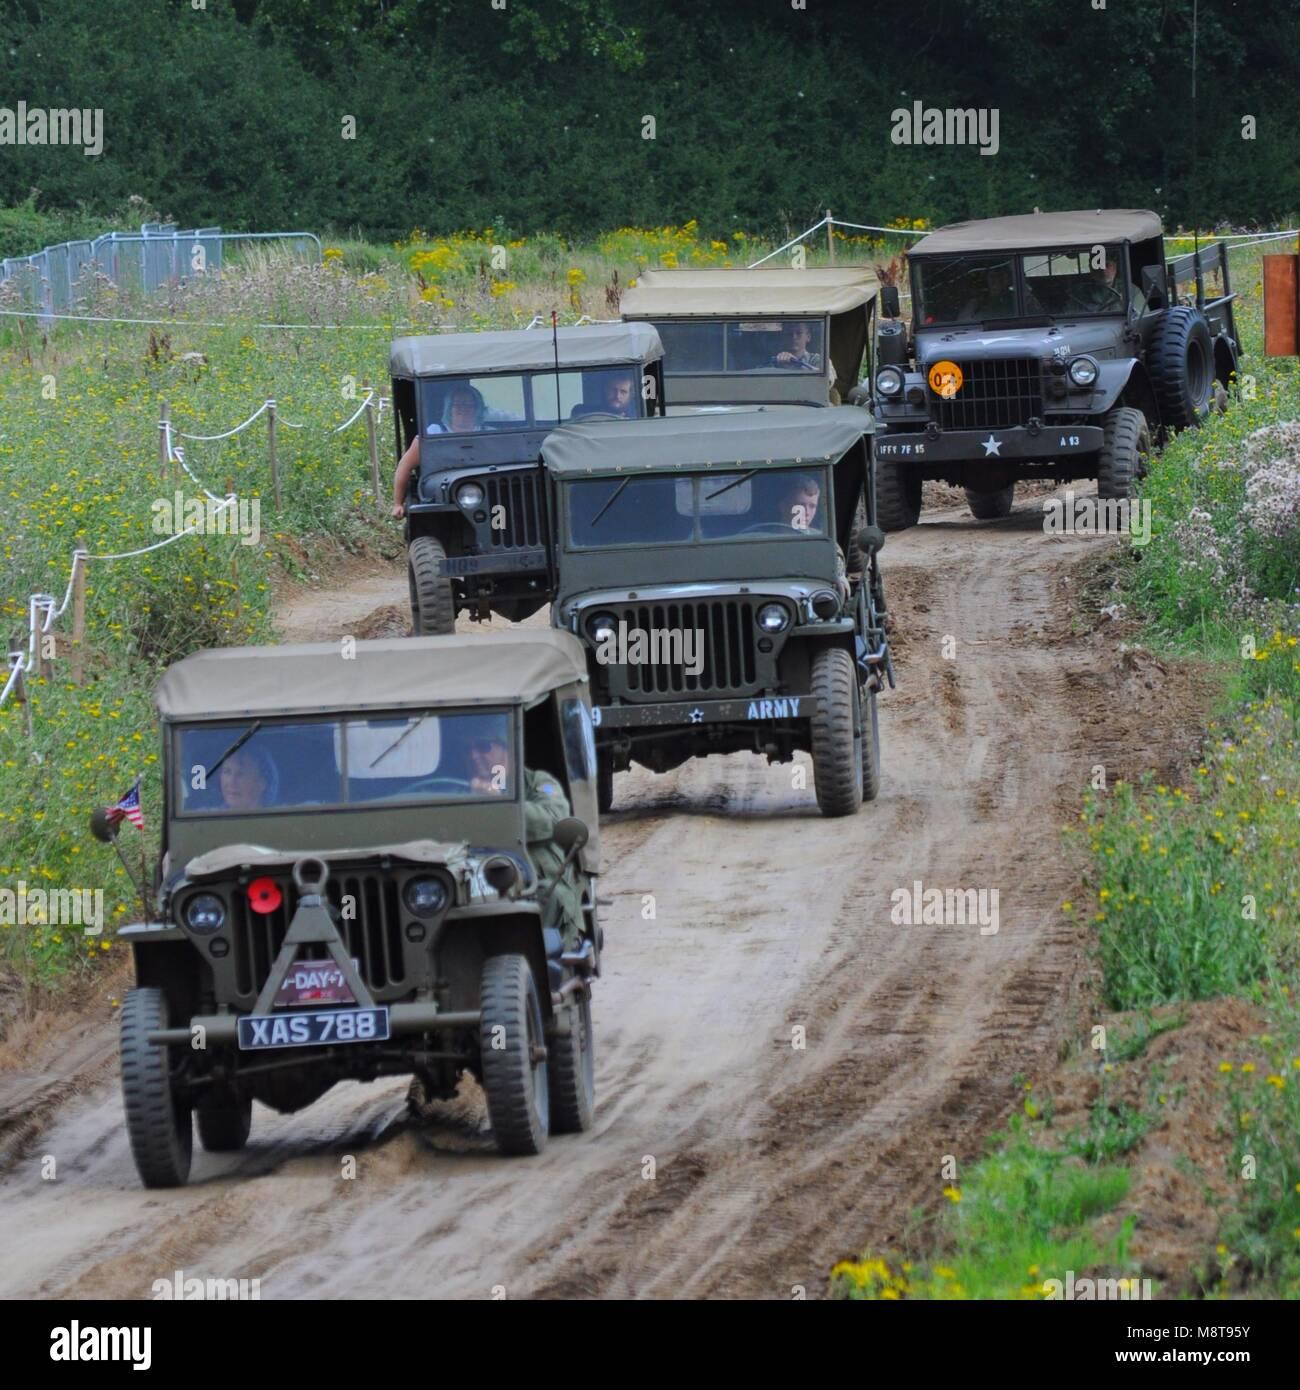 Vier Willys Jeeps führenden ein Dodge M37 3/4-Tonner im Krieg 2017 und Frieden Erweckung im Hop Farm in der Nähe Stockfoto